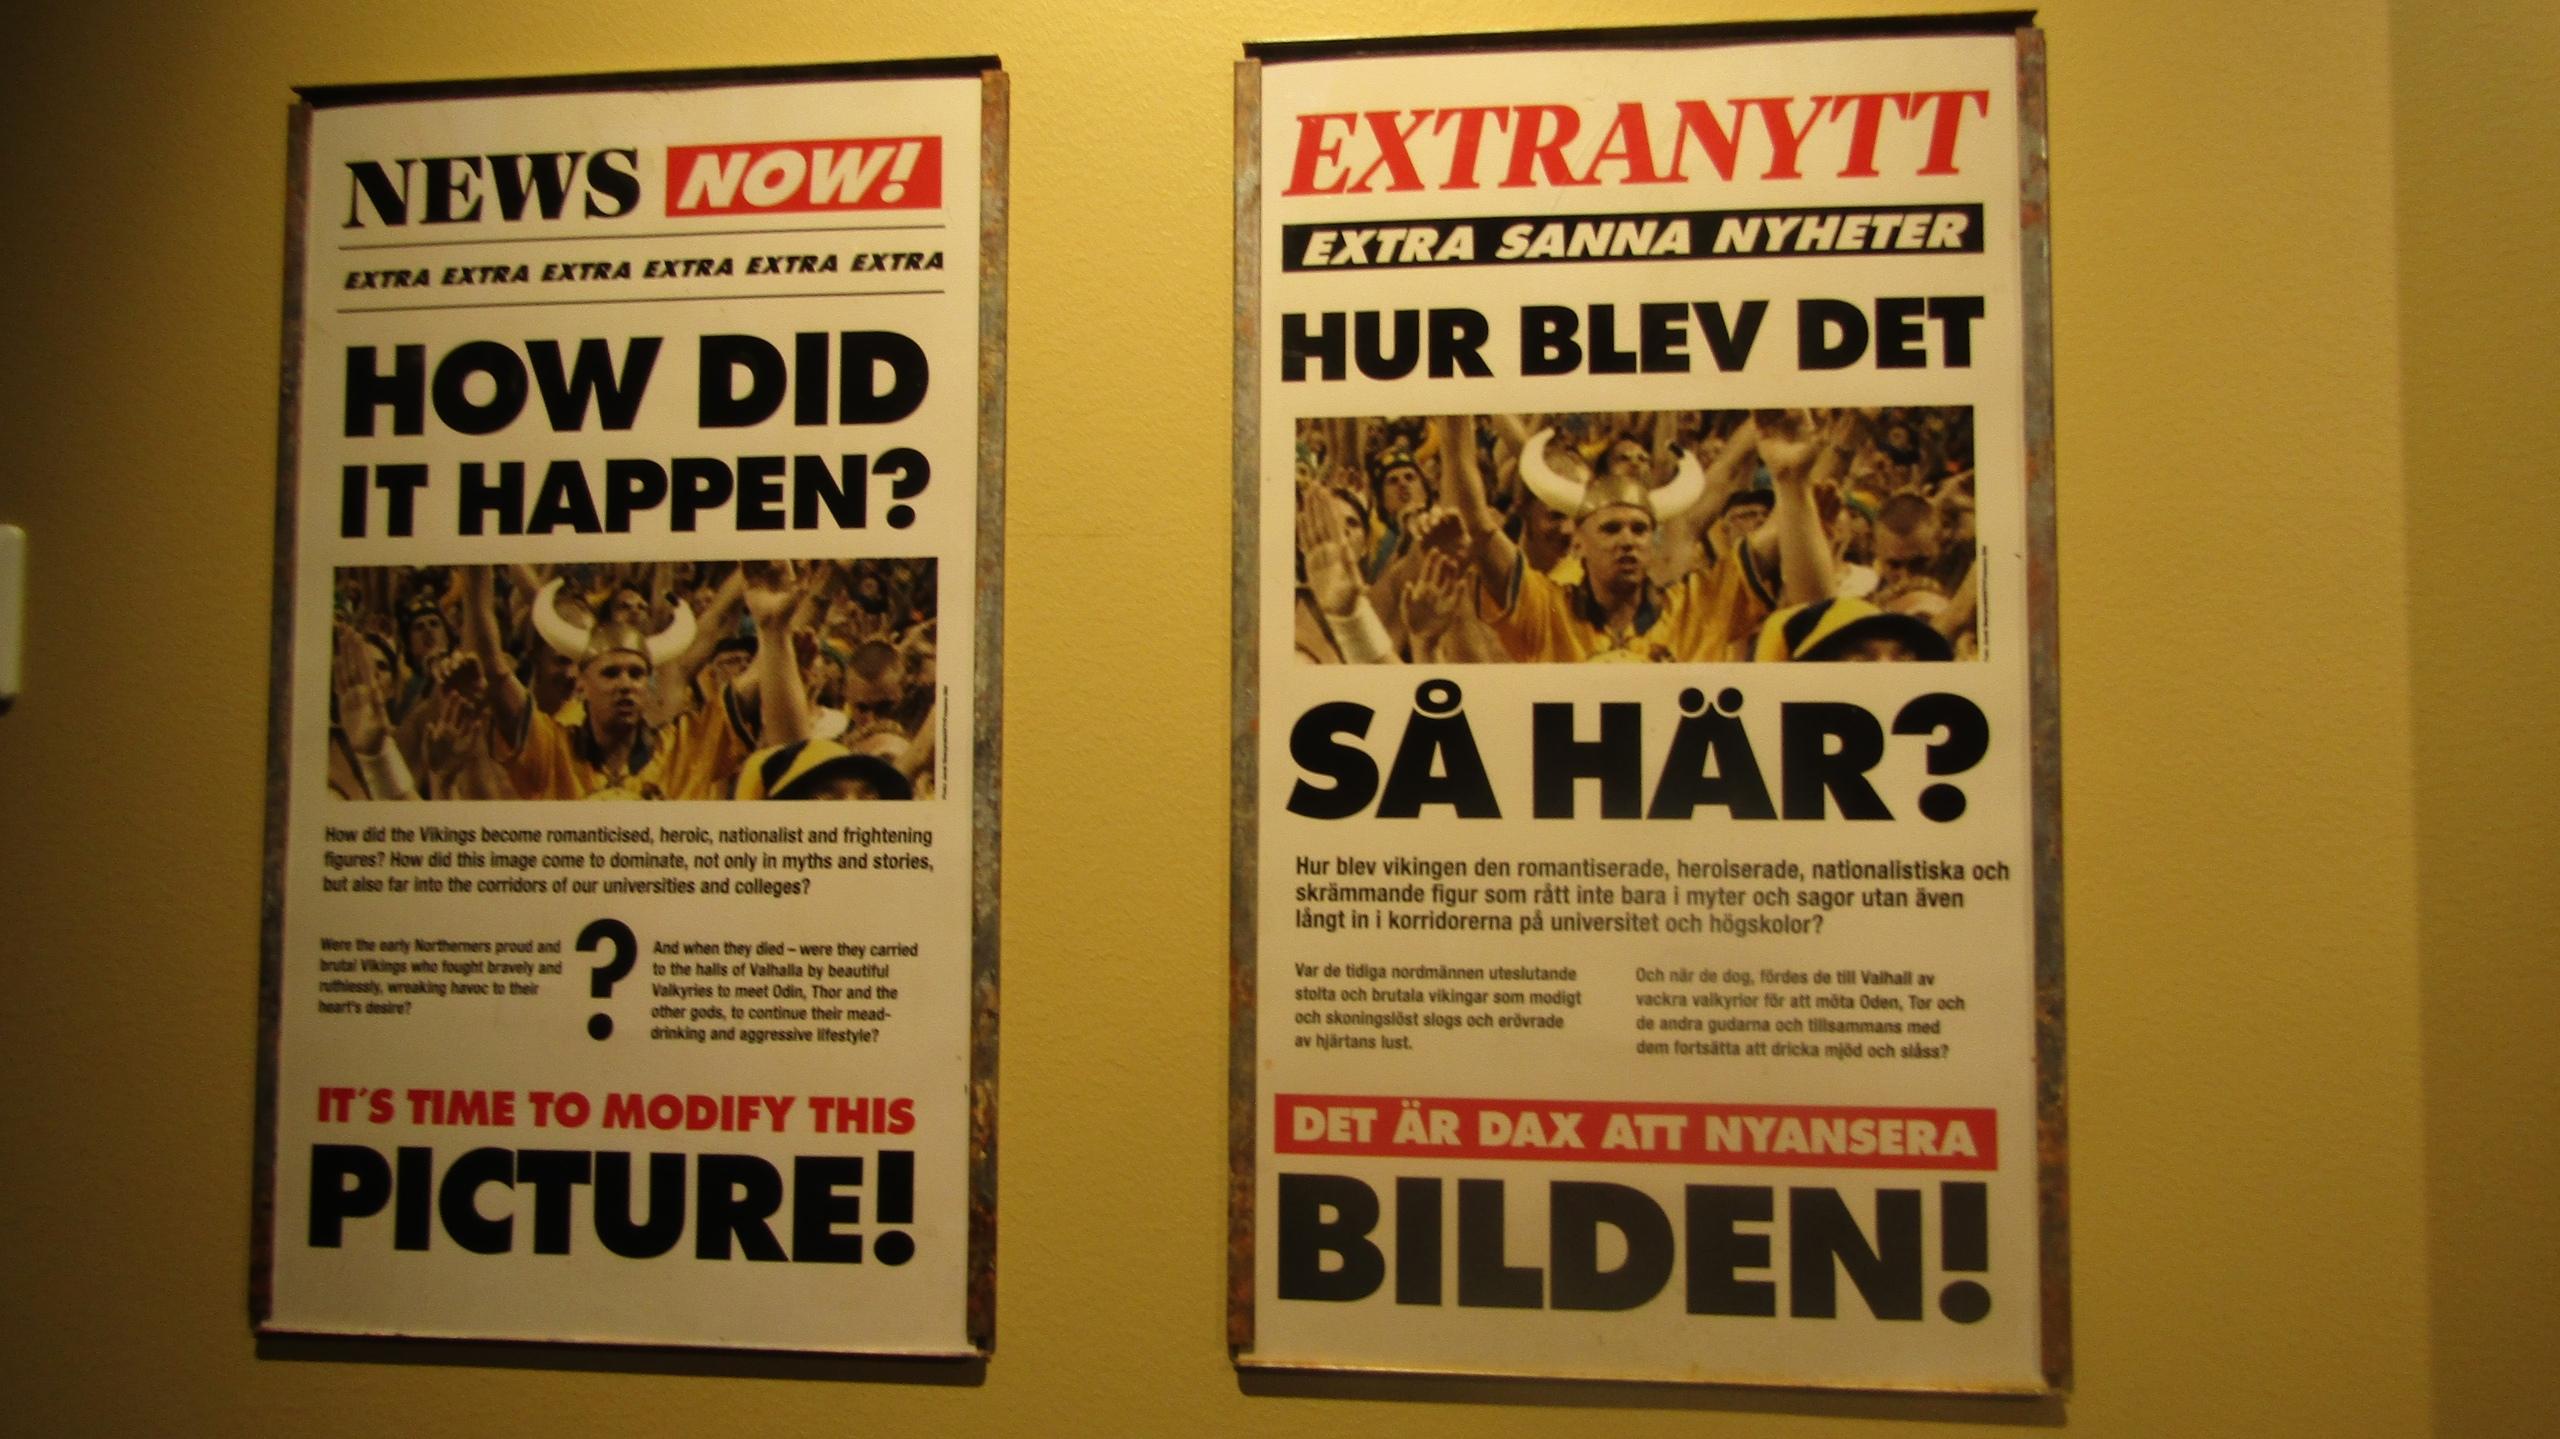 Музей викингов: разрушитель легенд музей, викингов, викинги, часть, гренландцы, можно, гренландской, которые, вагончик, рассказывать, которой, вагончике, рогами, своей, чтото, ДДаймонд, взгляд, убедительной, первый, довольно